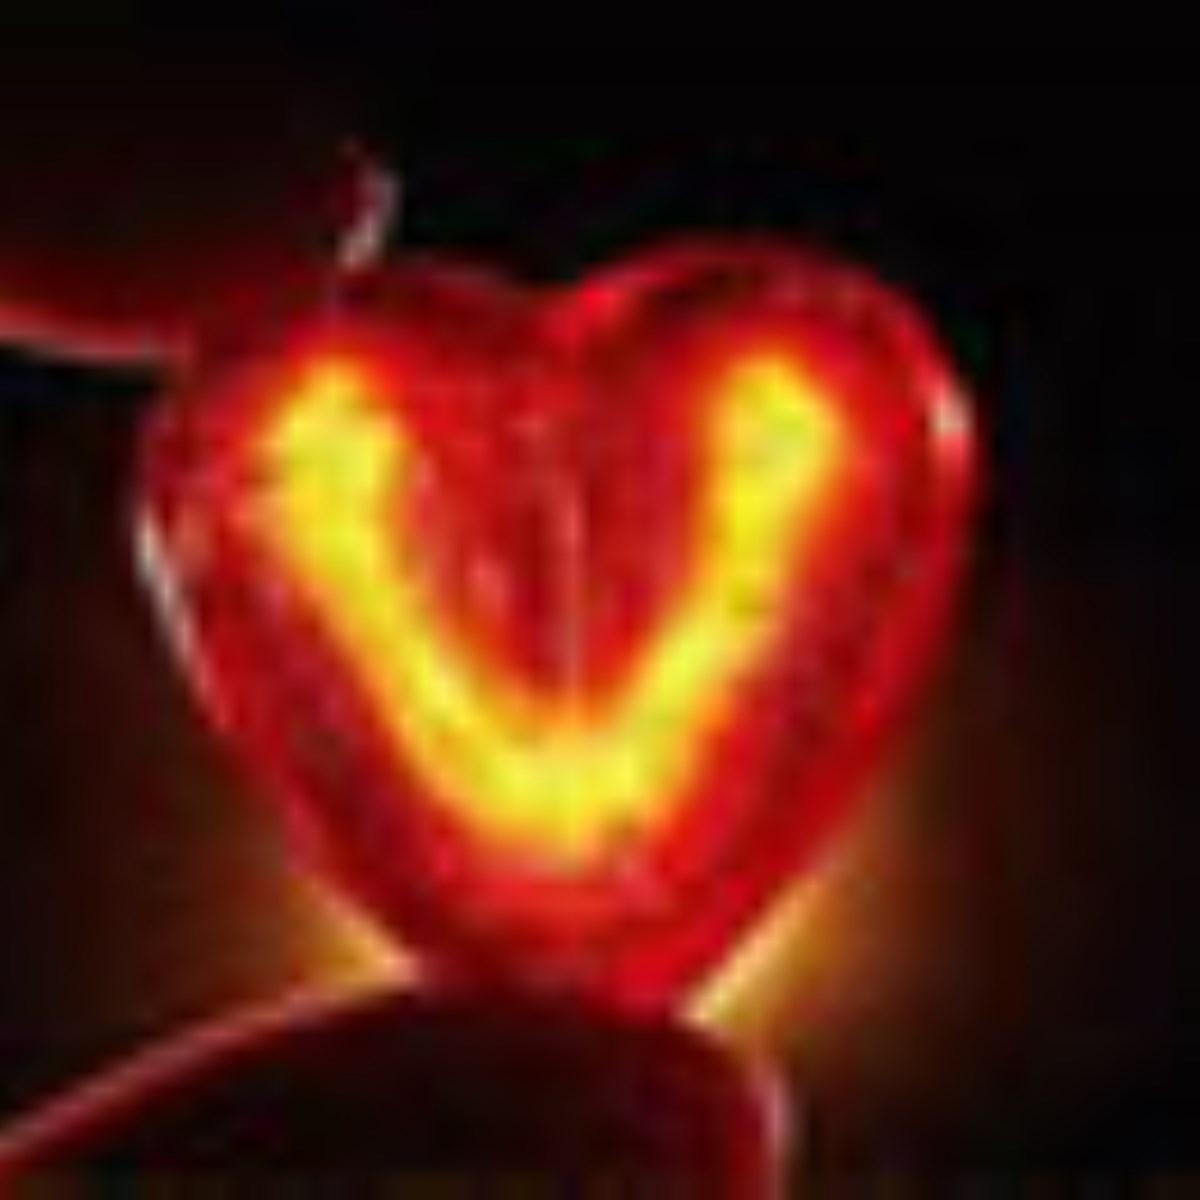 دلهای سنگی، دلهای نرم